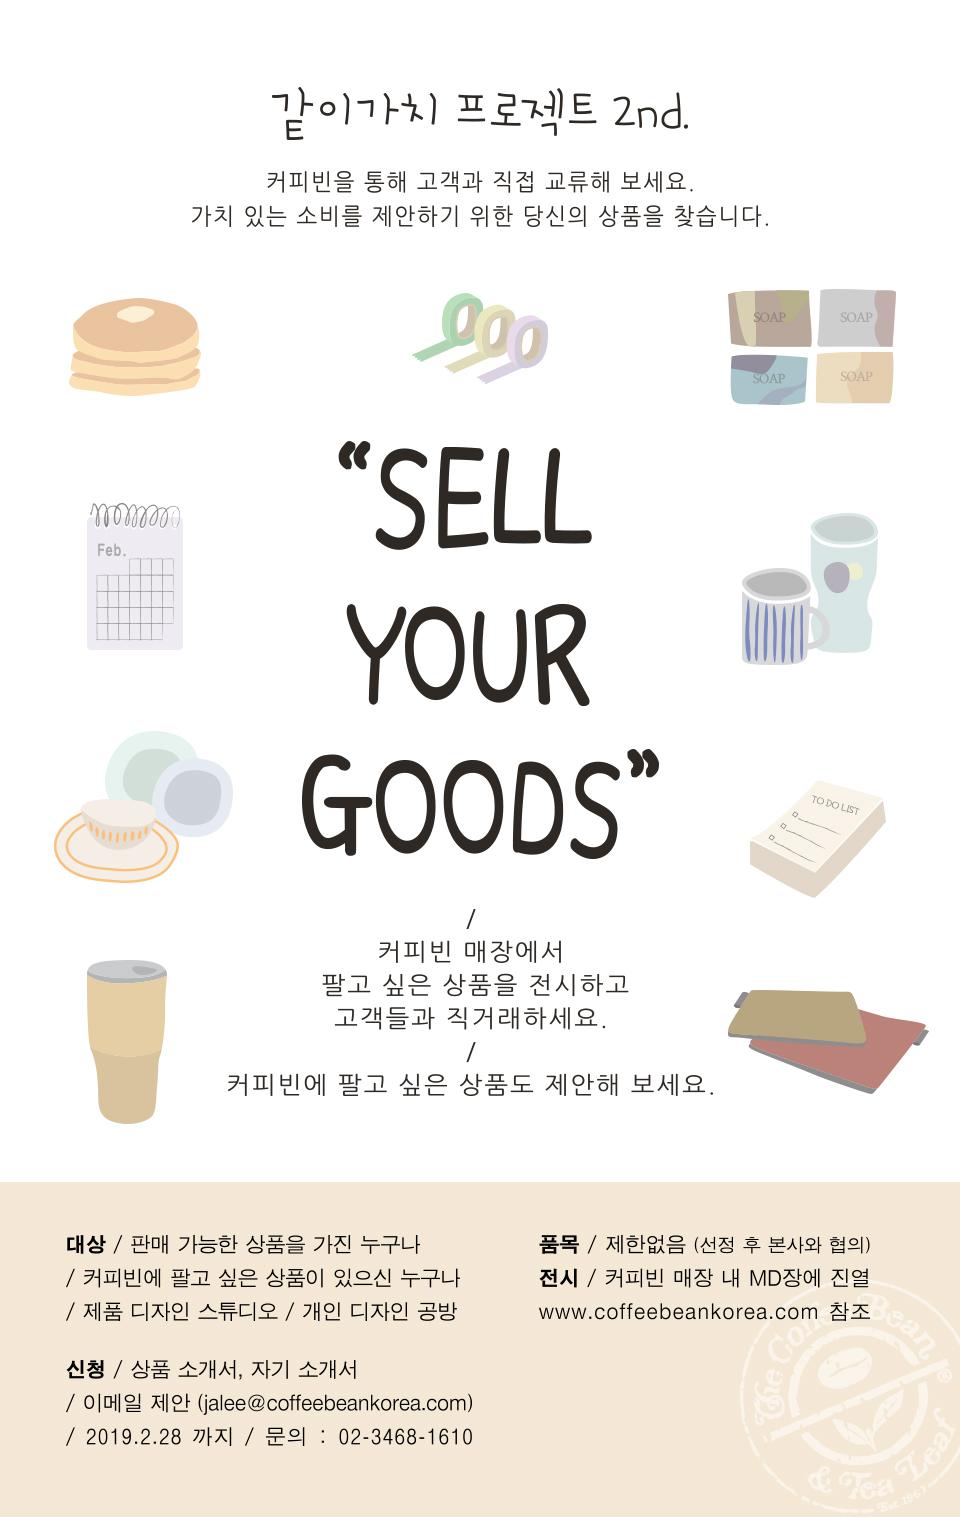 같이가치 프로젝트 2nd에서  가치 있는 소비를 제안하는 당신의 이야기를 들려주세요~